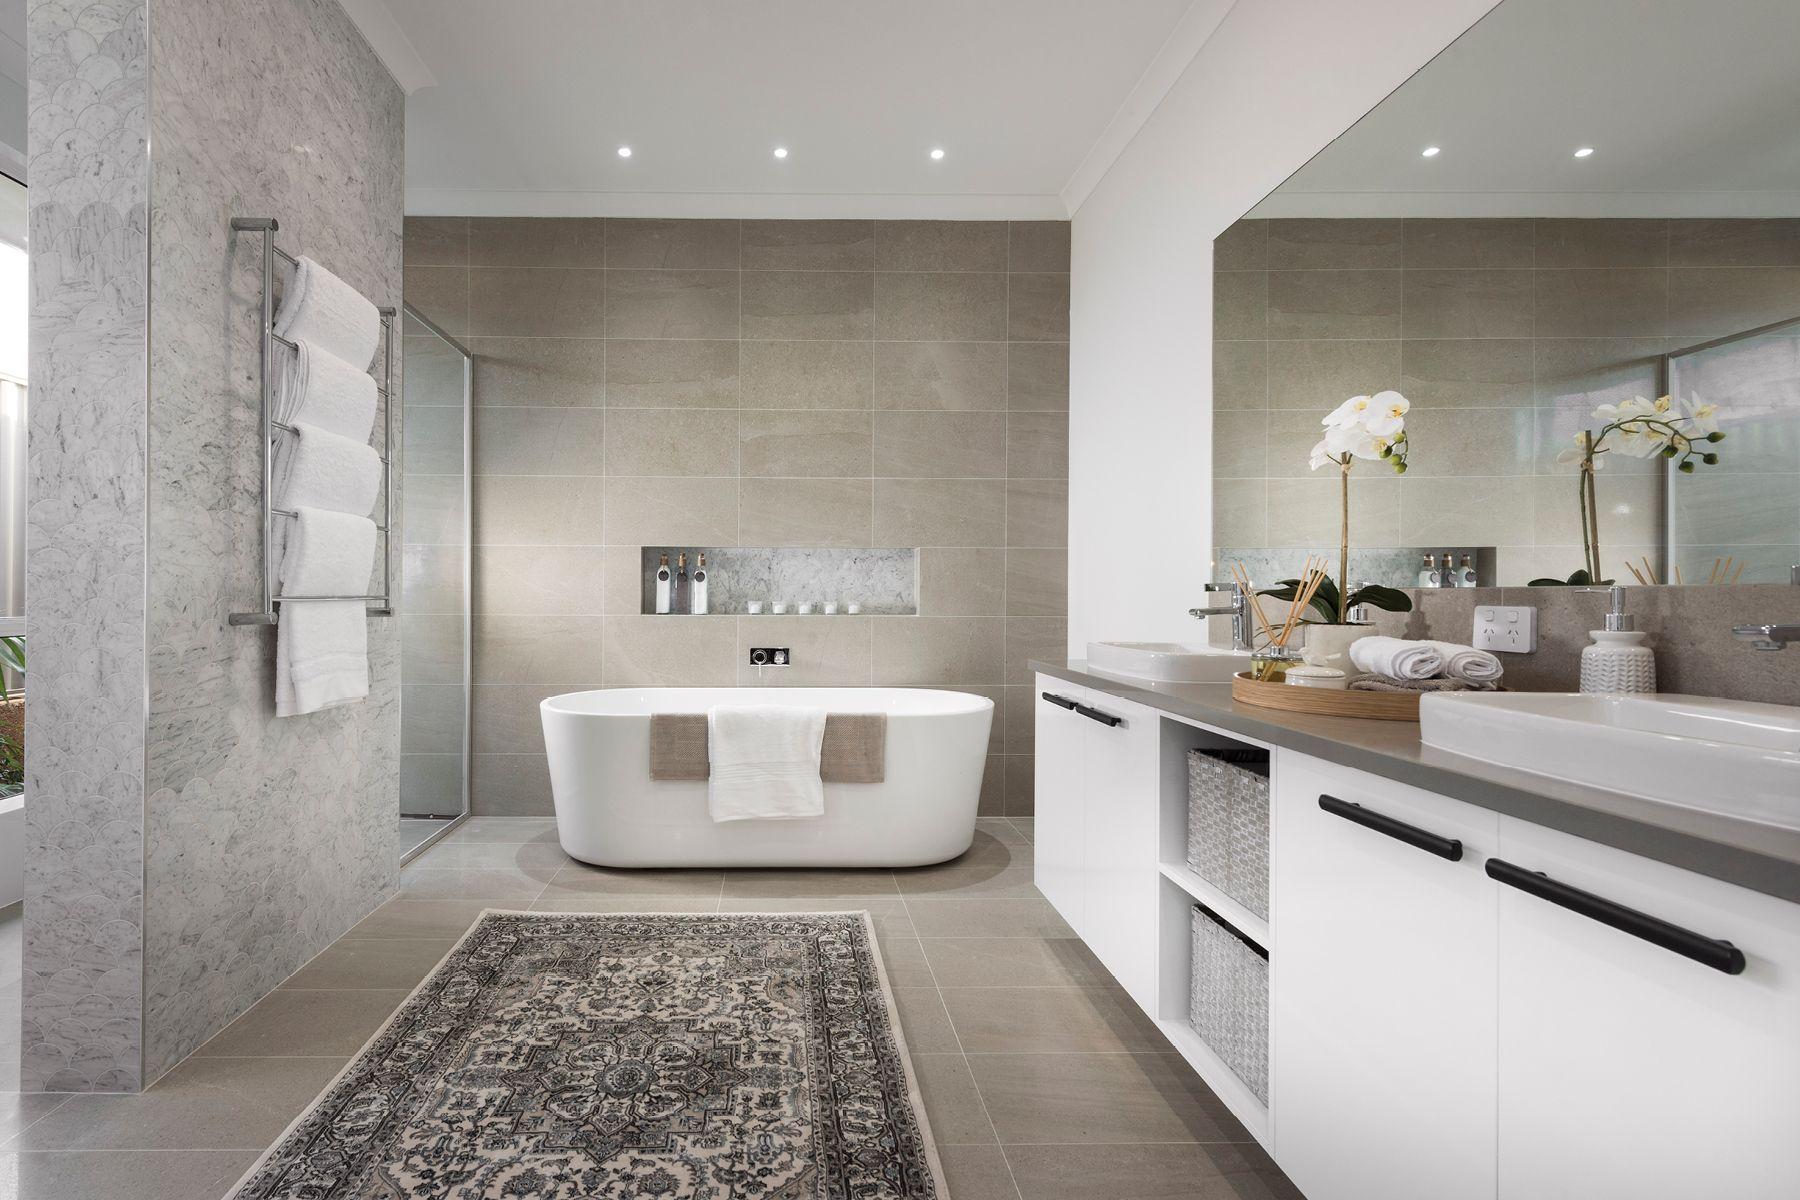 Erfreut Küche Bad Design Houston Ideen - Ideen Für Die Küche ...